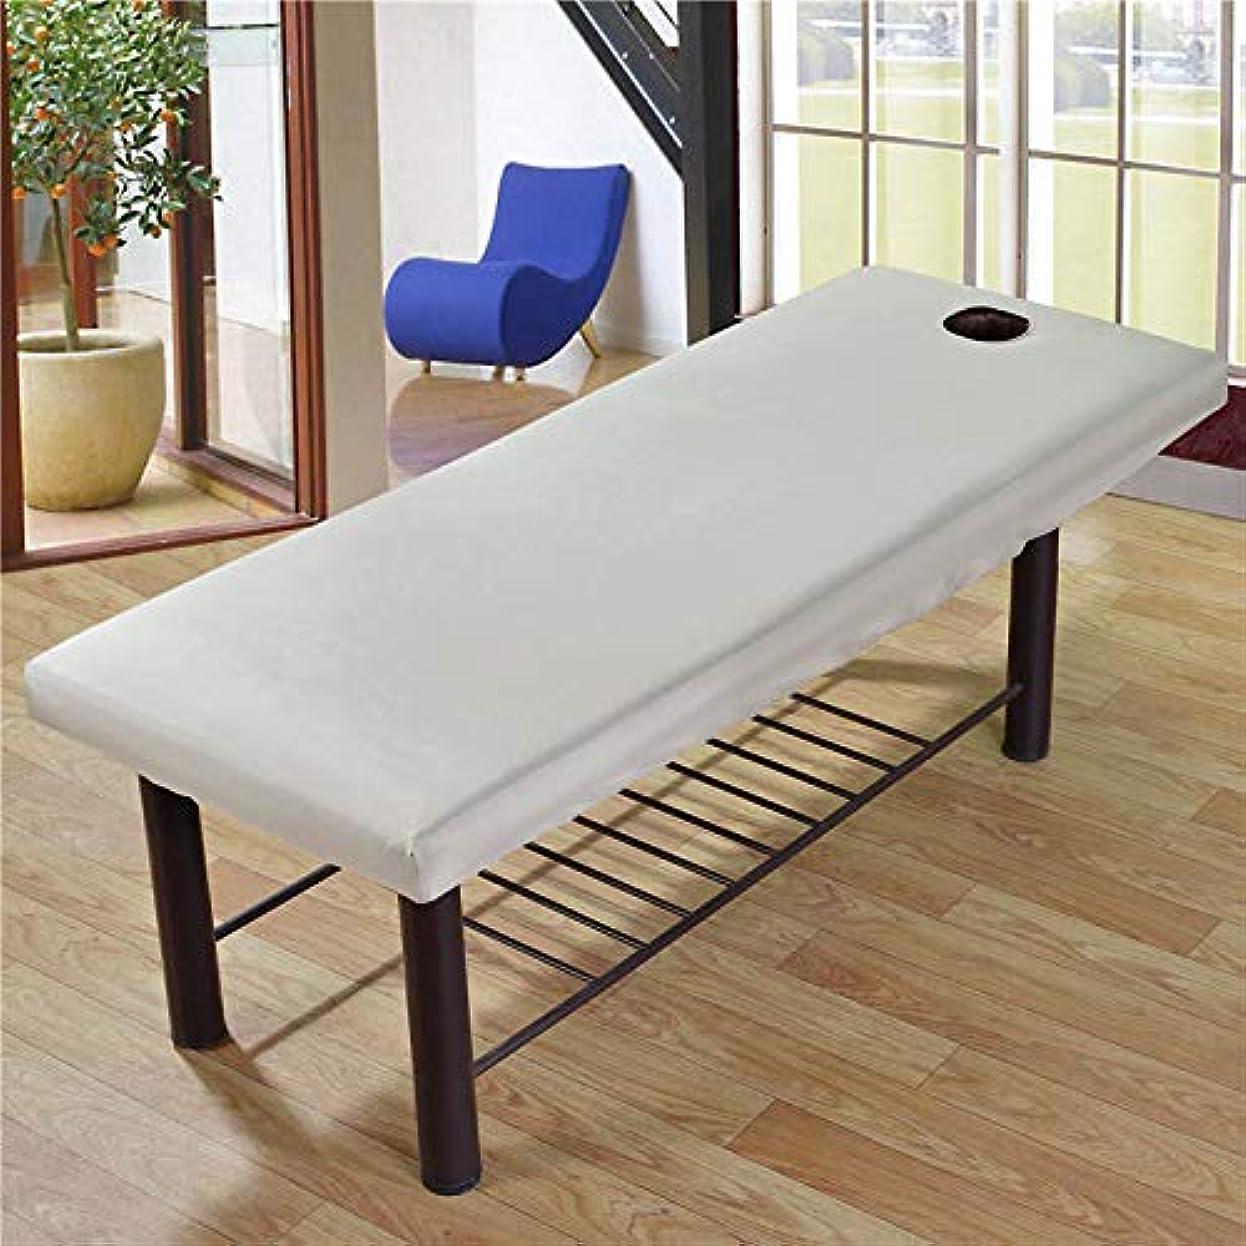 幸福リテラシージレンマProfeel 美容院のマッサージ療法のベッドのための柔らかいSoliod色の長方形のマットレス